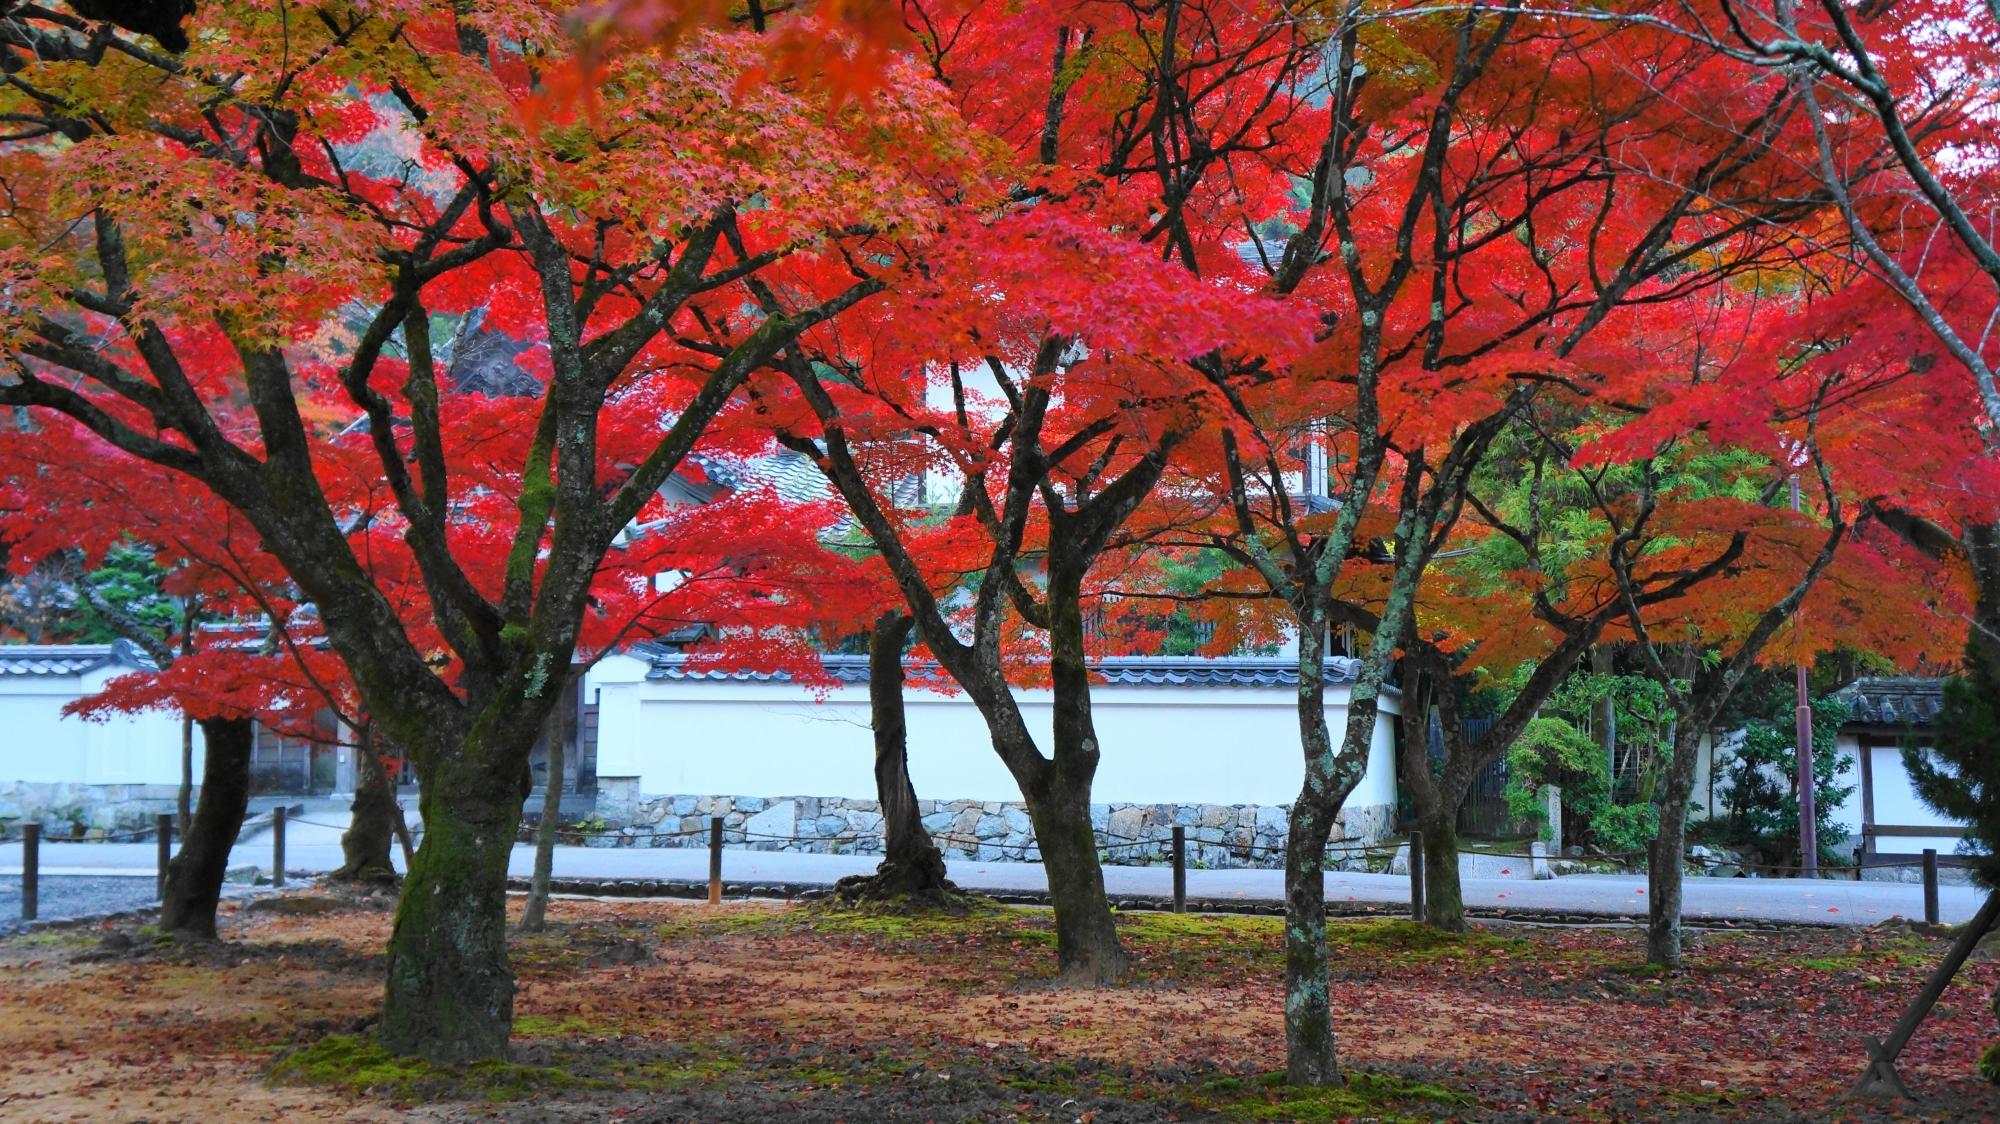 至るところ紅葉が弾ける秋の南禅寺